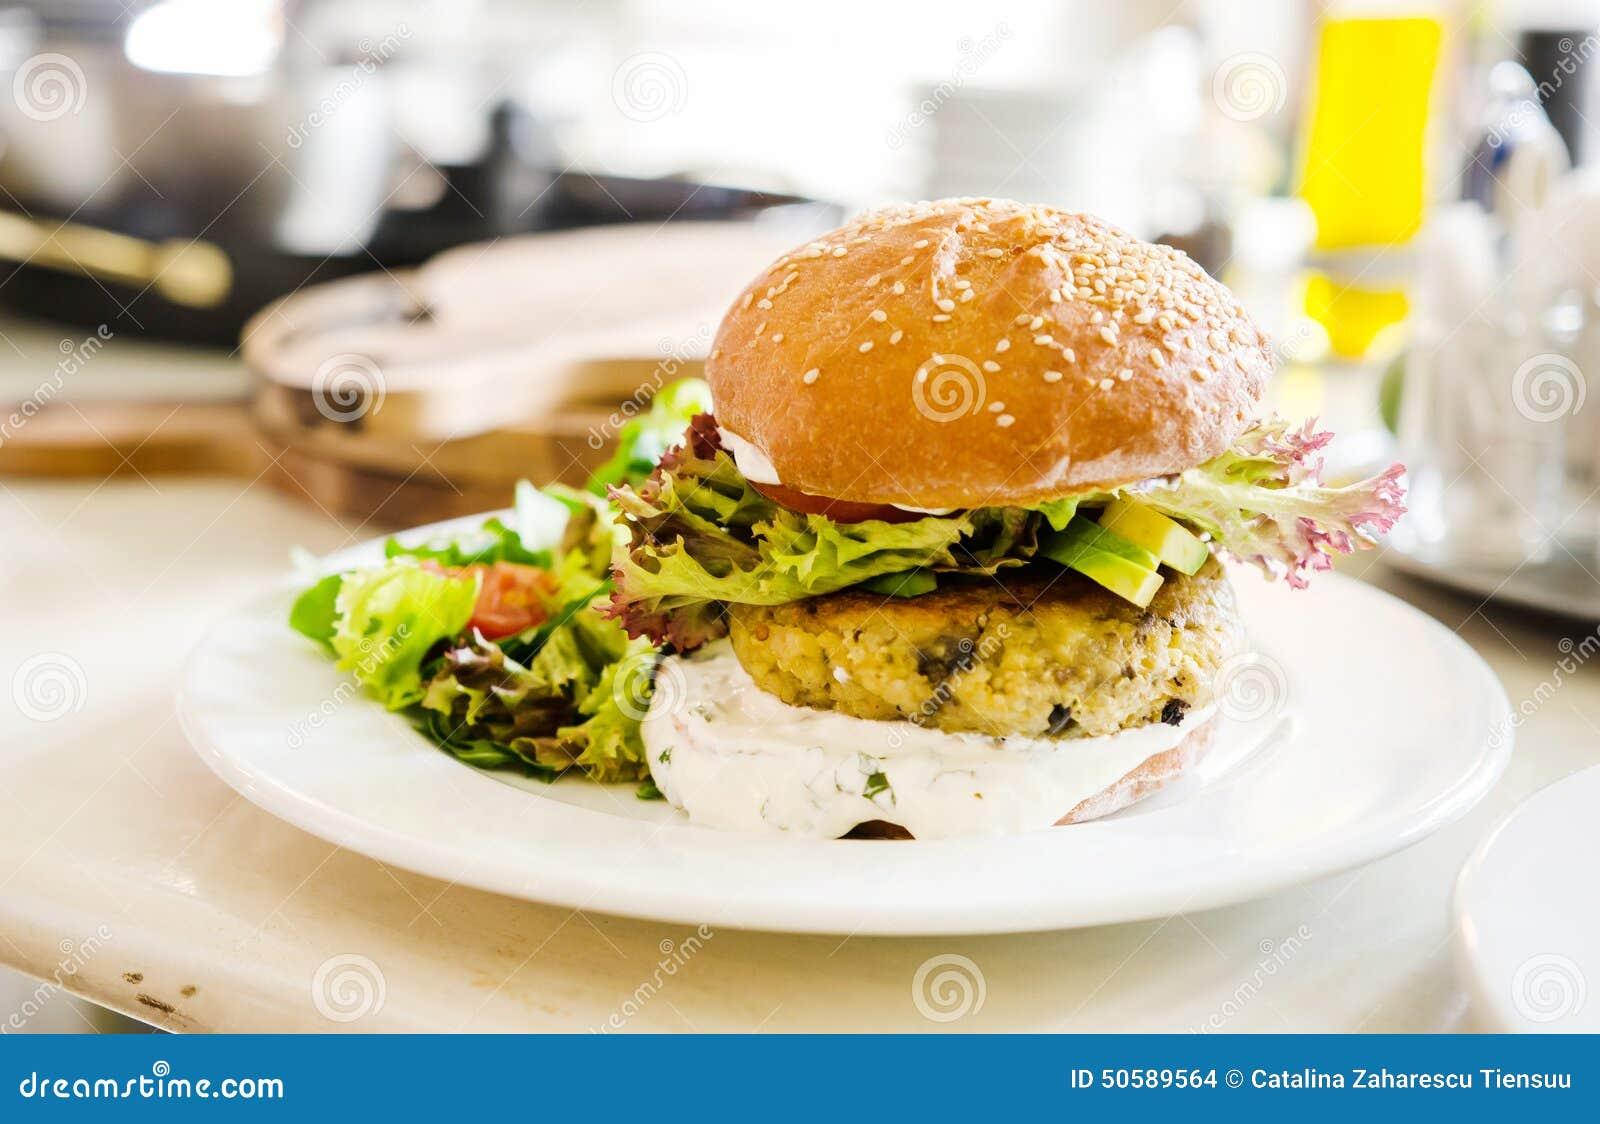 Quinoaburger des strengen Vegetariers in einem Restaurant